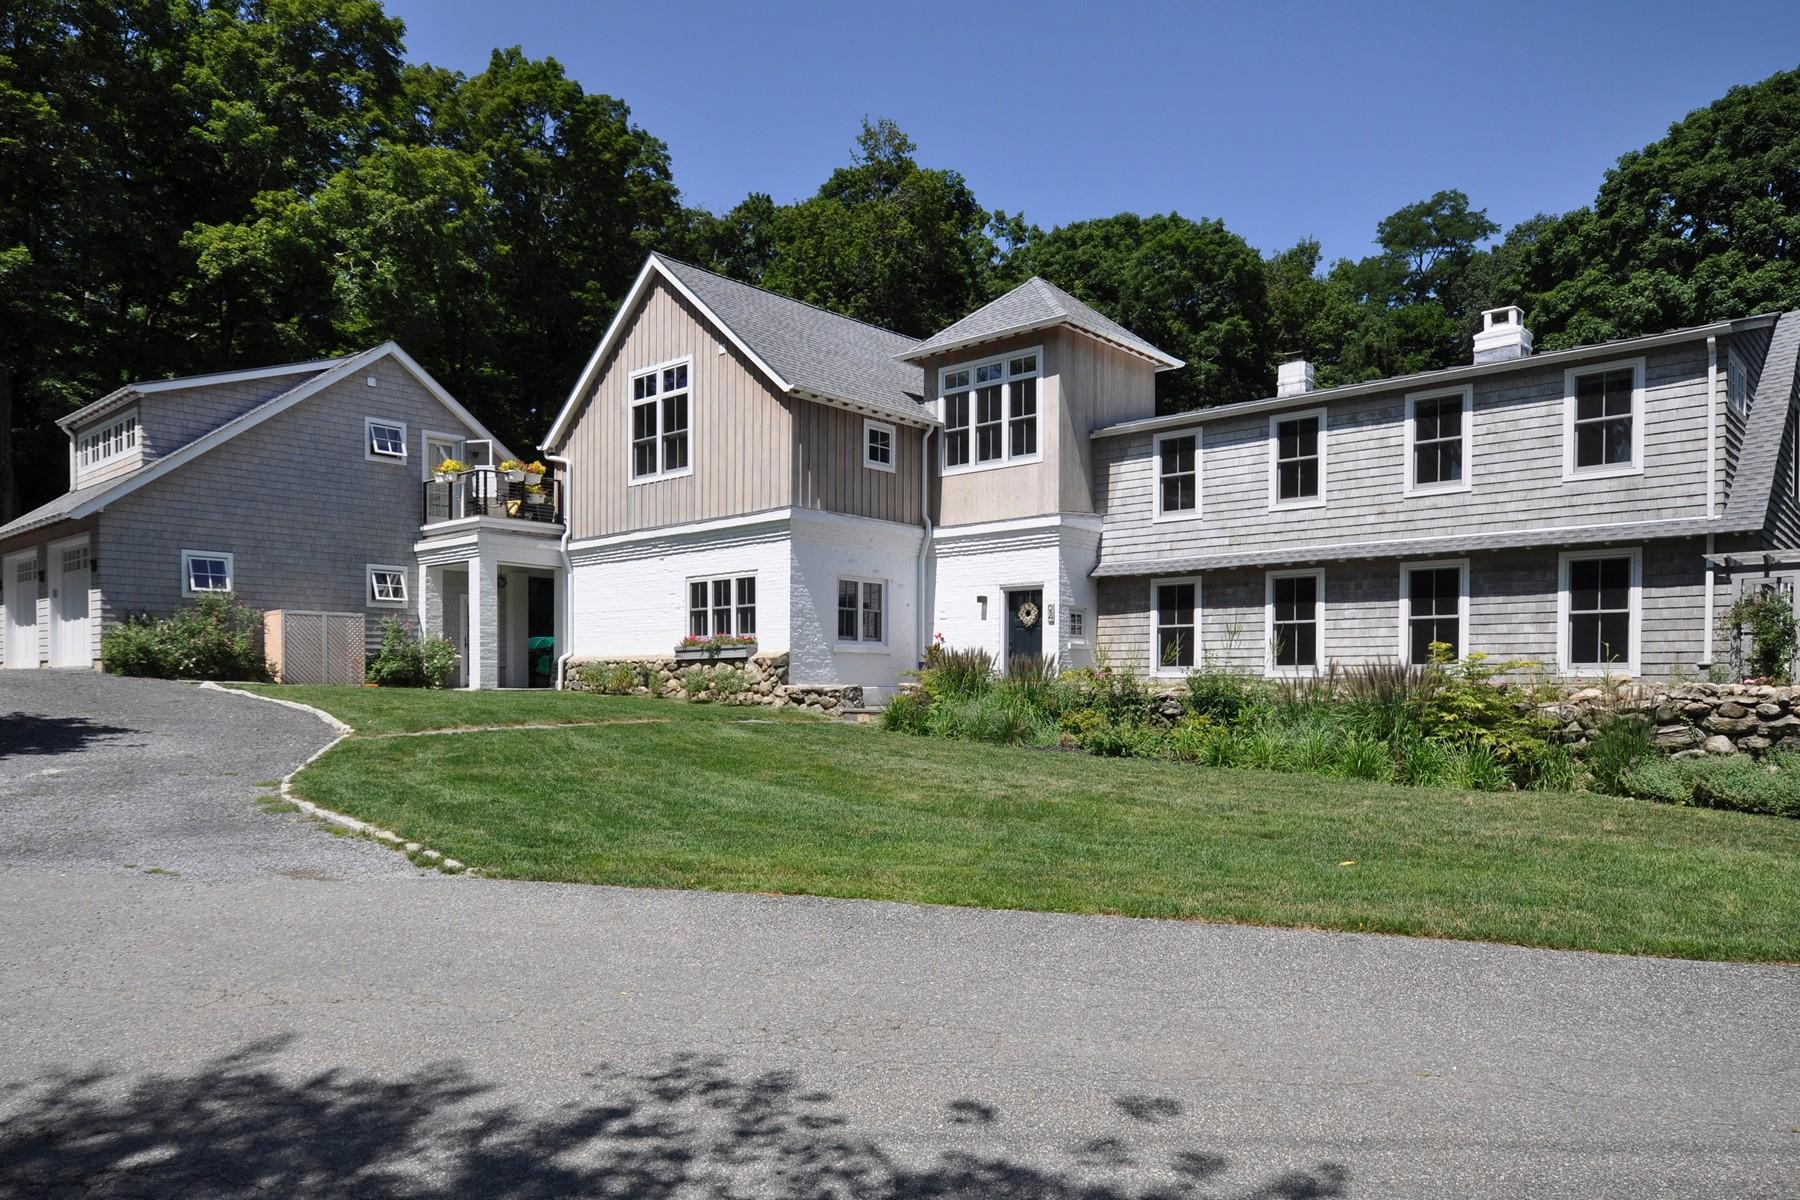 Single Family Homes für Verkauf beim Impressive Total Renovation with Addition 94 Old Farm Road N, Chappaqua, New York 10514 Vereinigte Staaten